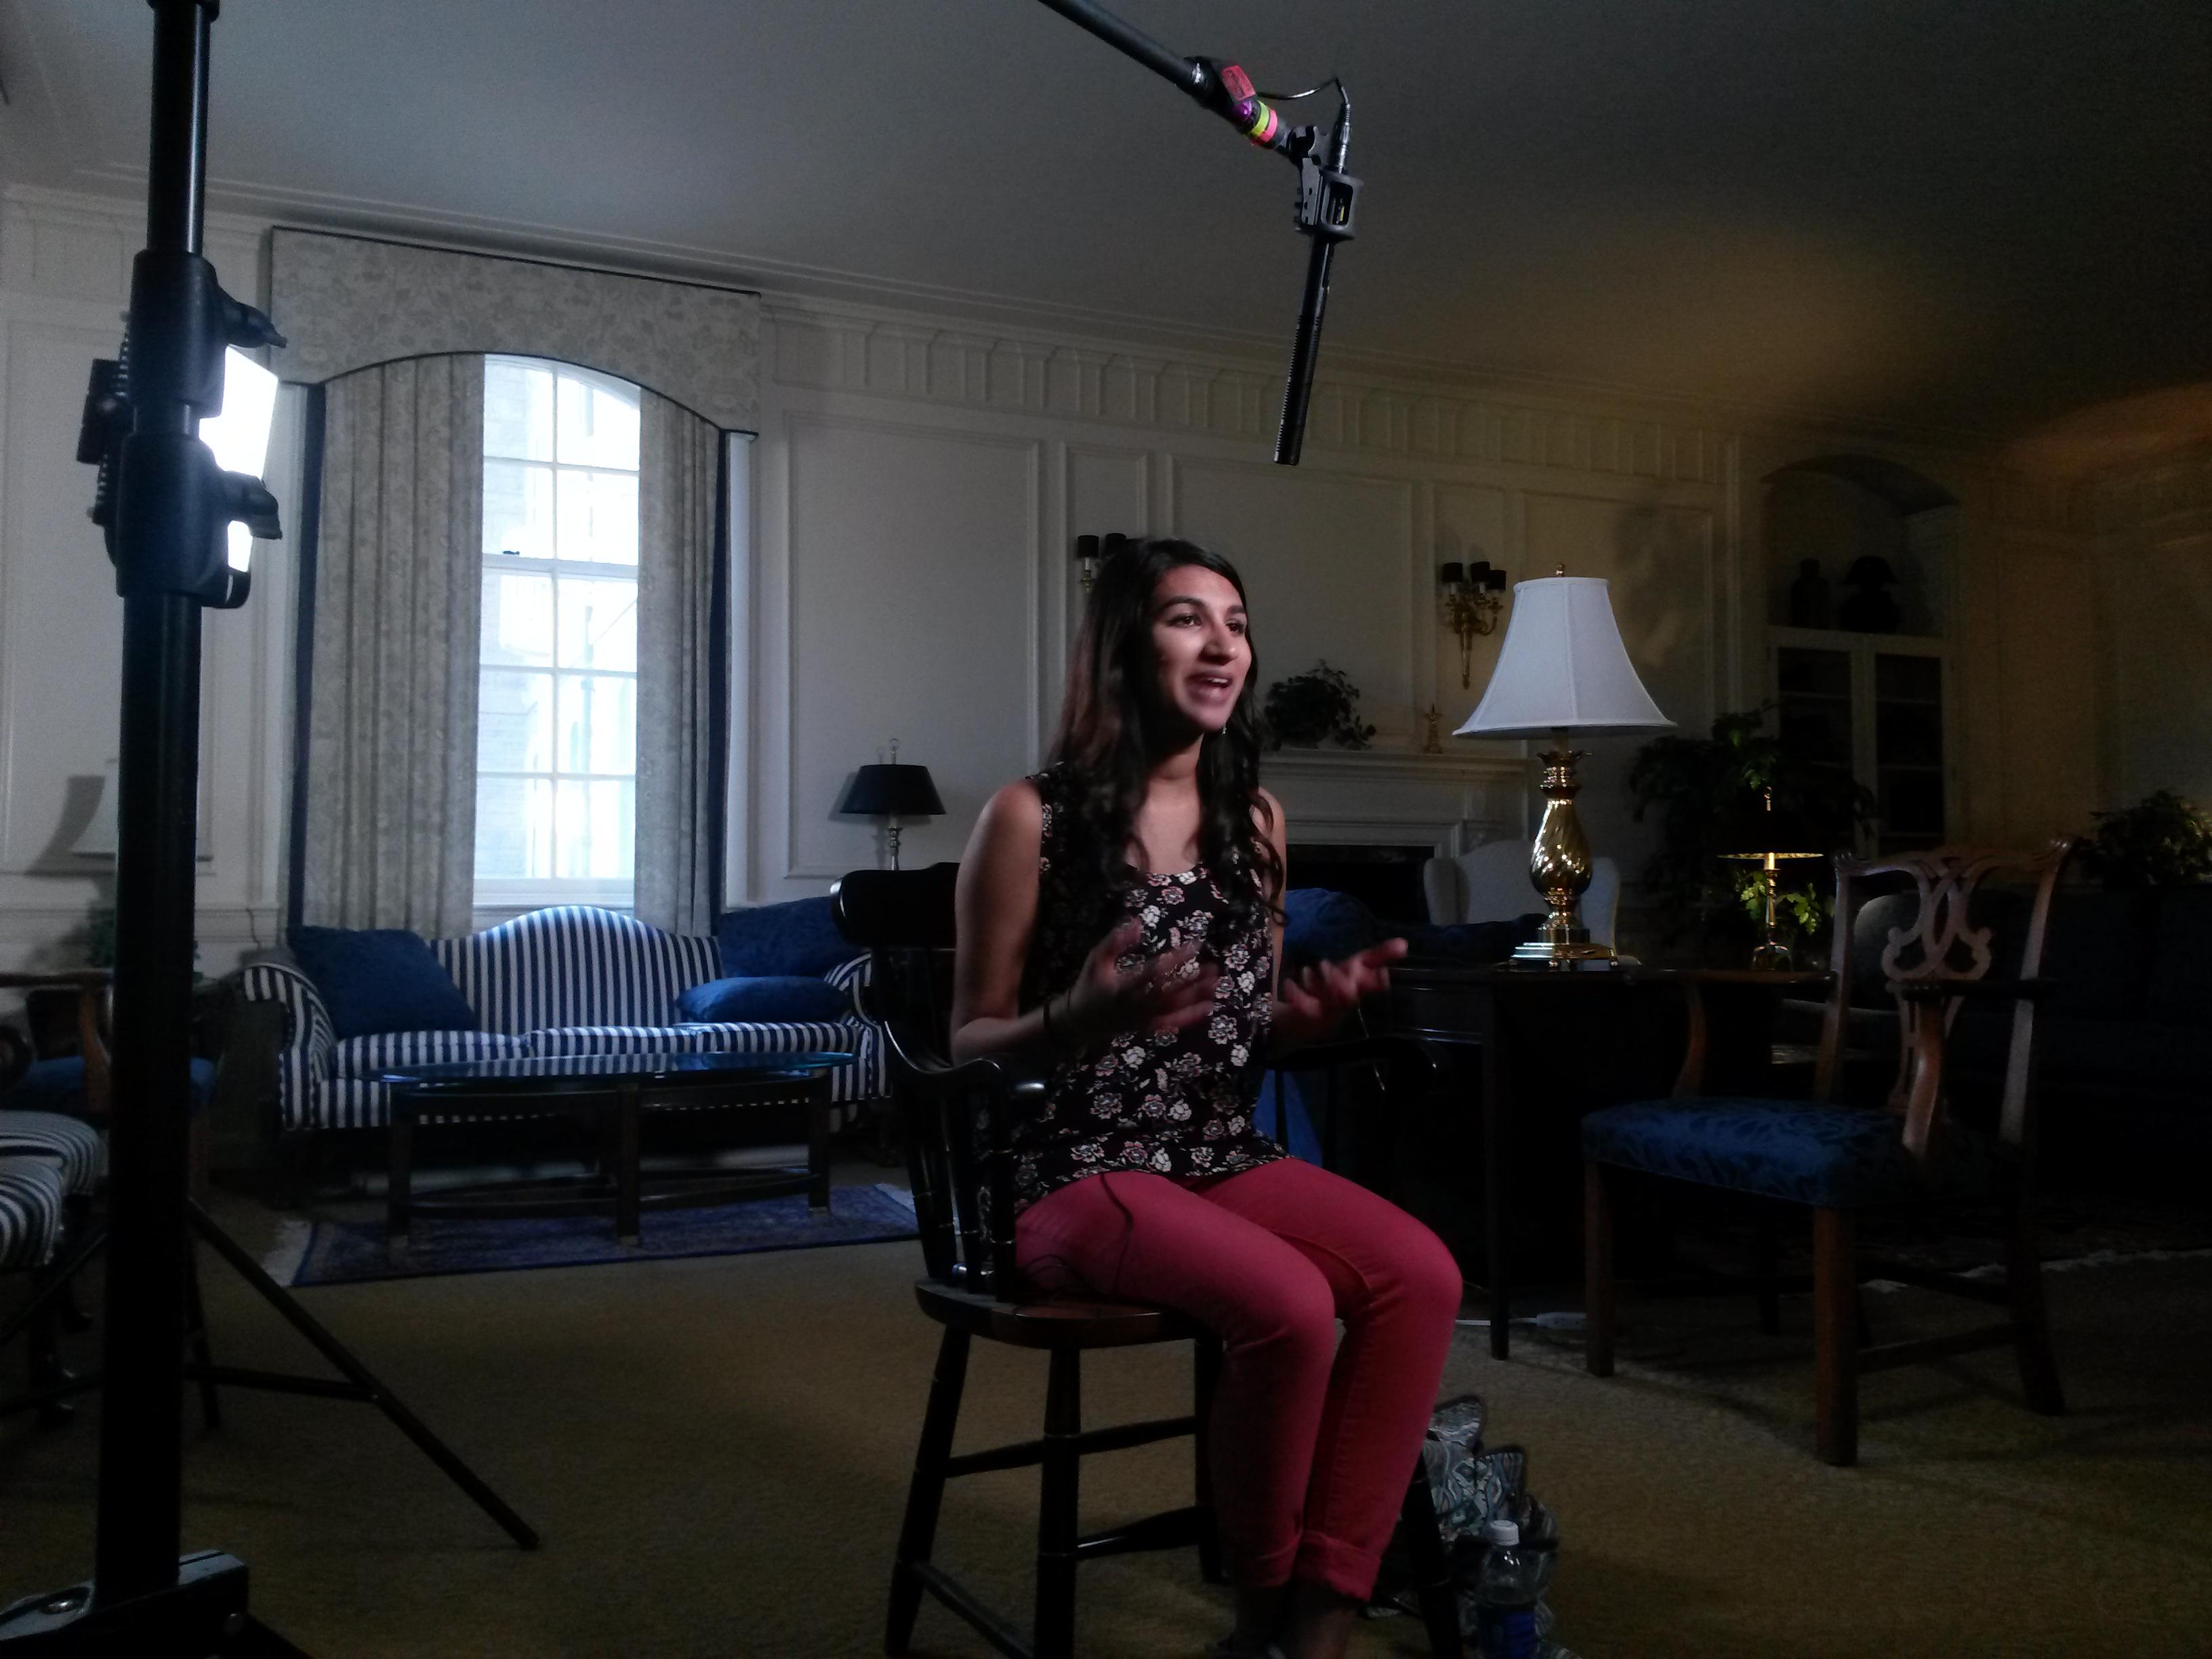 Neha Gupta 2 DC Crew Filmed LiveBIG Spotlighting Penn State Student